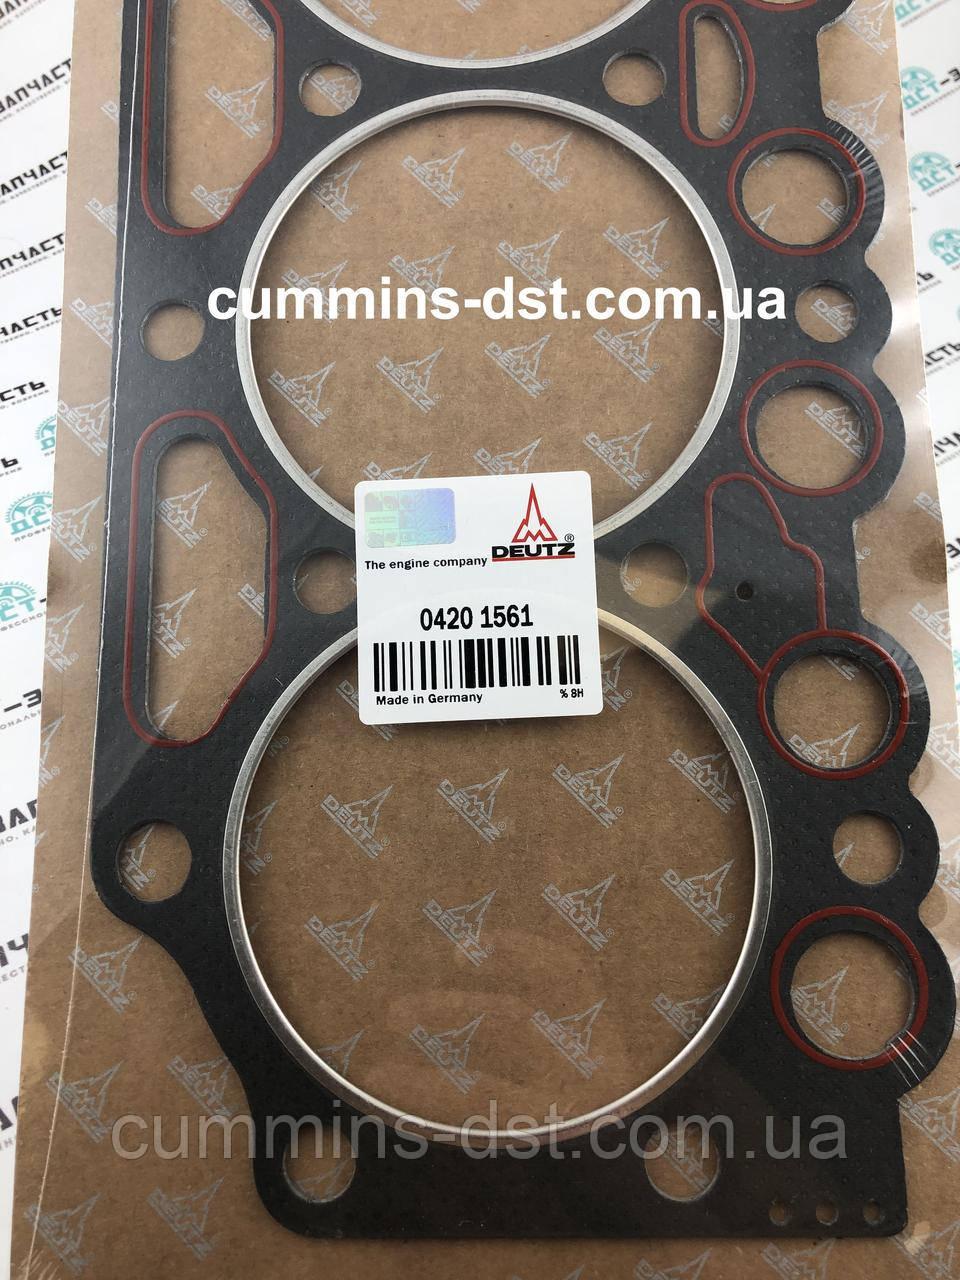 Прокладка ГБЦ 3 метки Deutz BF6M1013 04201561